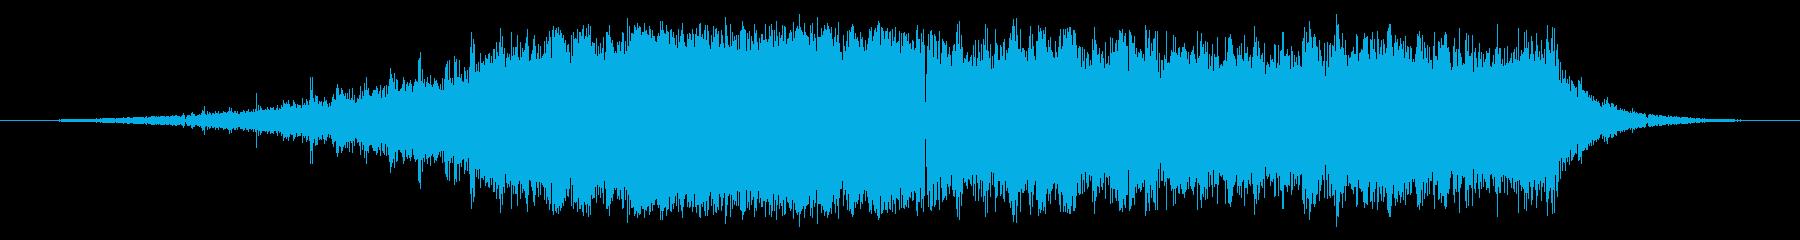 SWELL インダストリアルライザ...の再生済みの波形